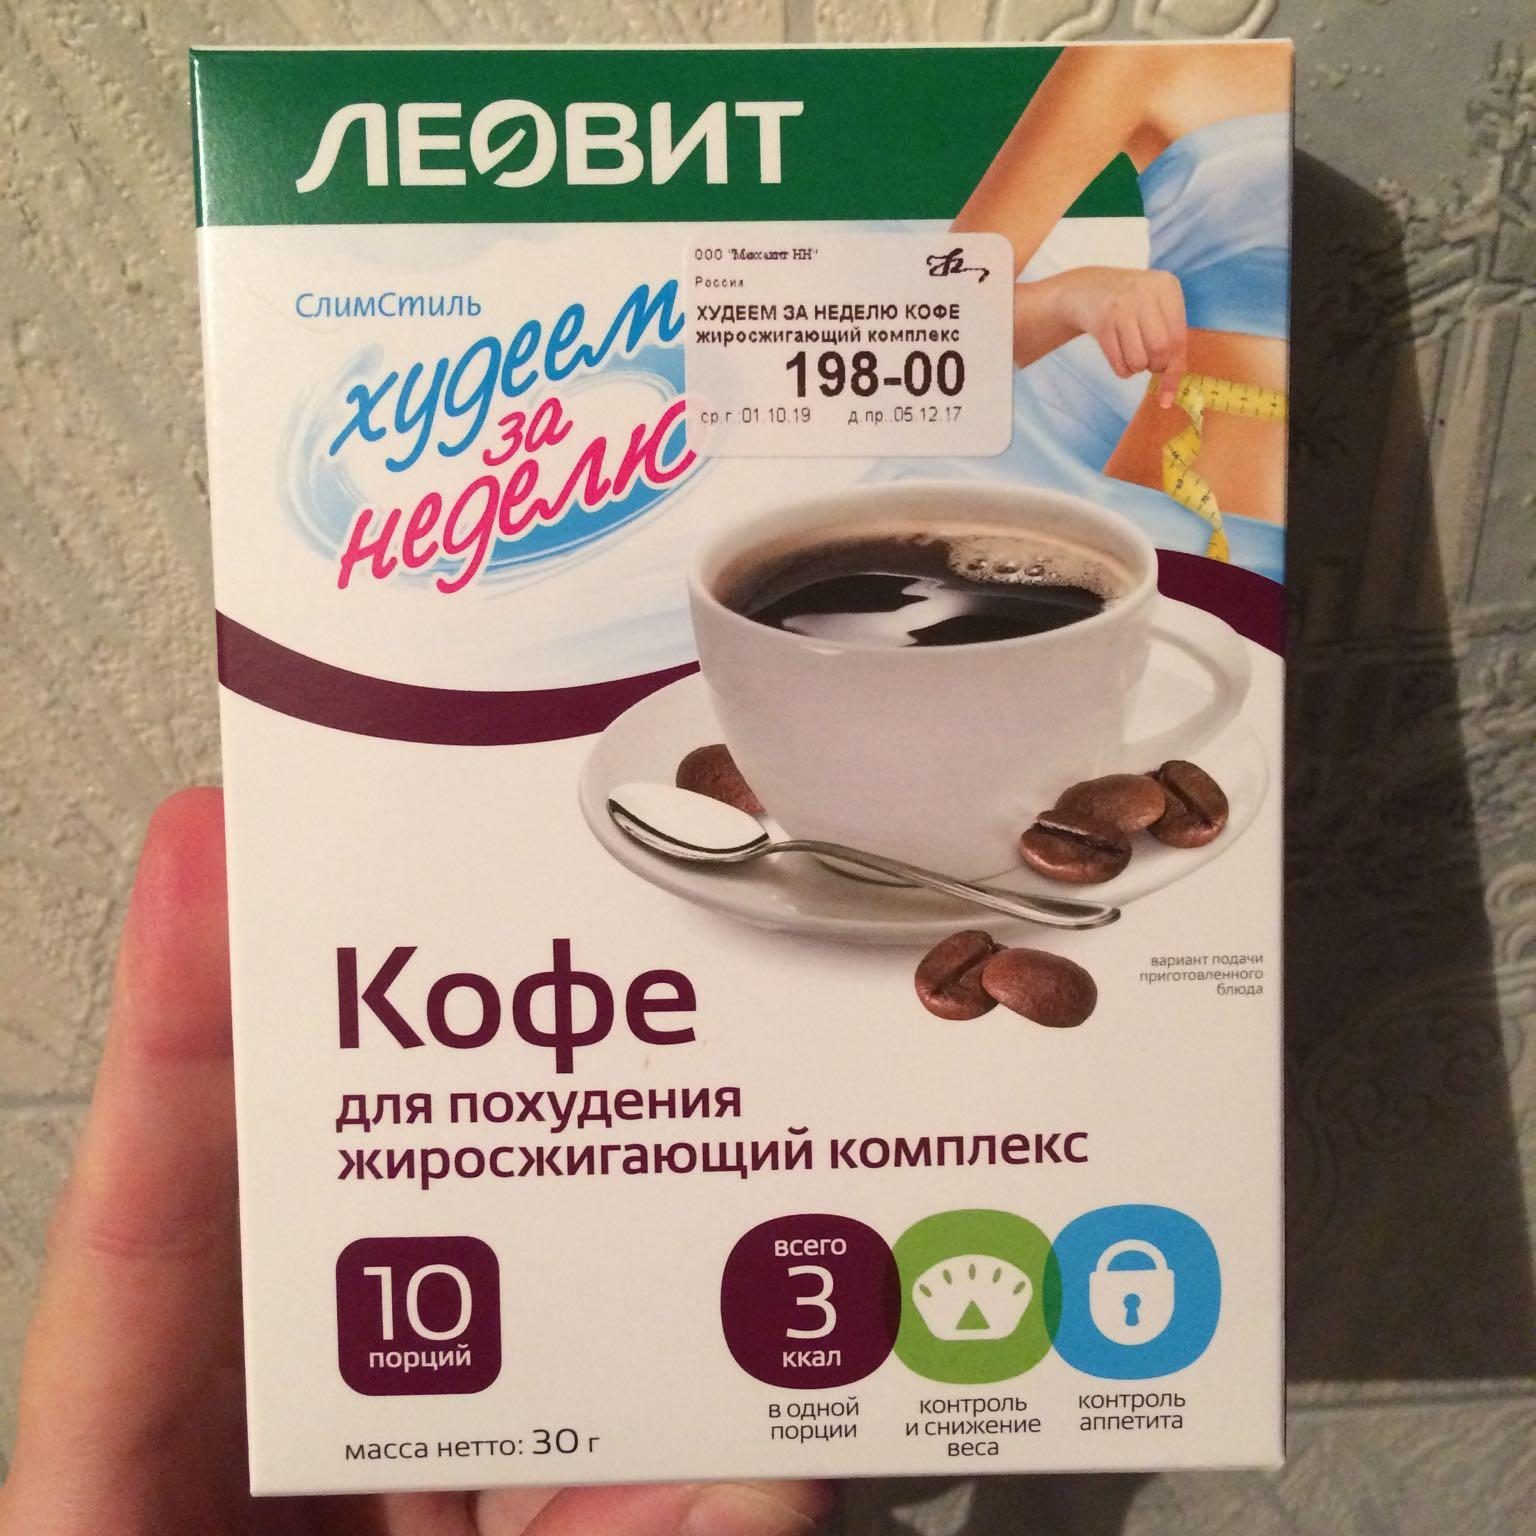 Помогает ли кофеин при похудении и сжигании жира и если да, то когда его лучше всего принимать Рассчитайте свою норму кофеина для эффективного похудения и жиросжигания